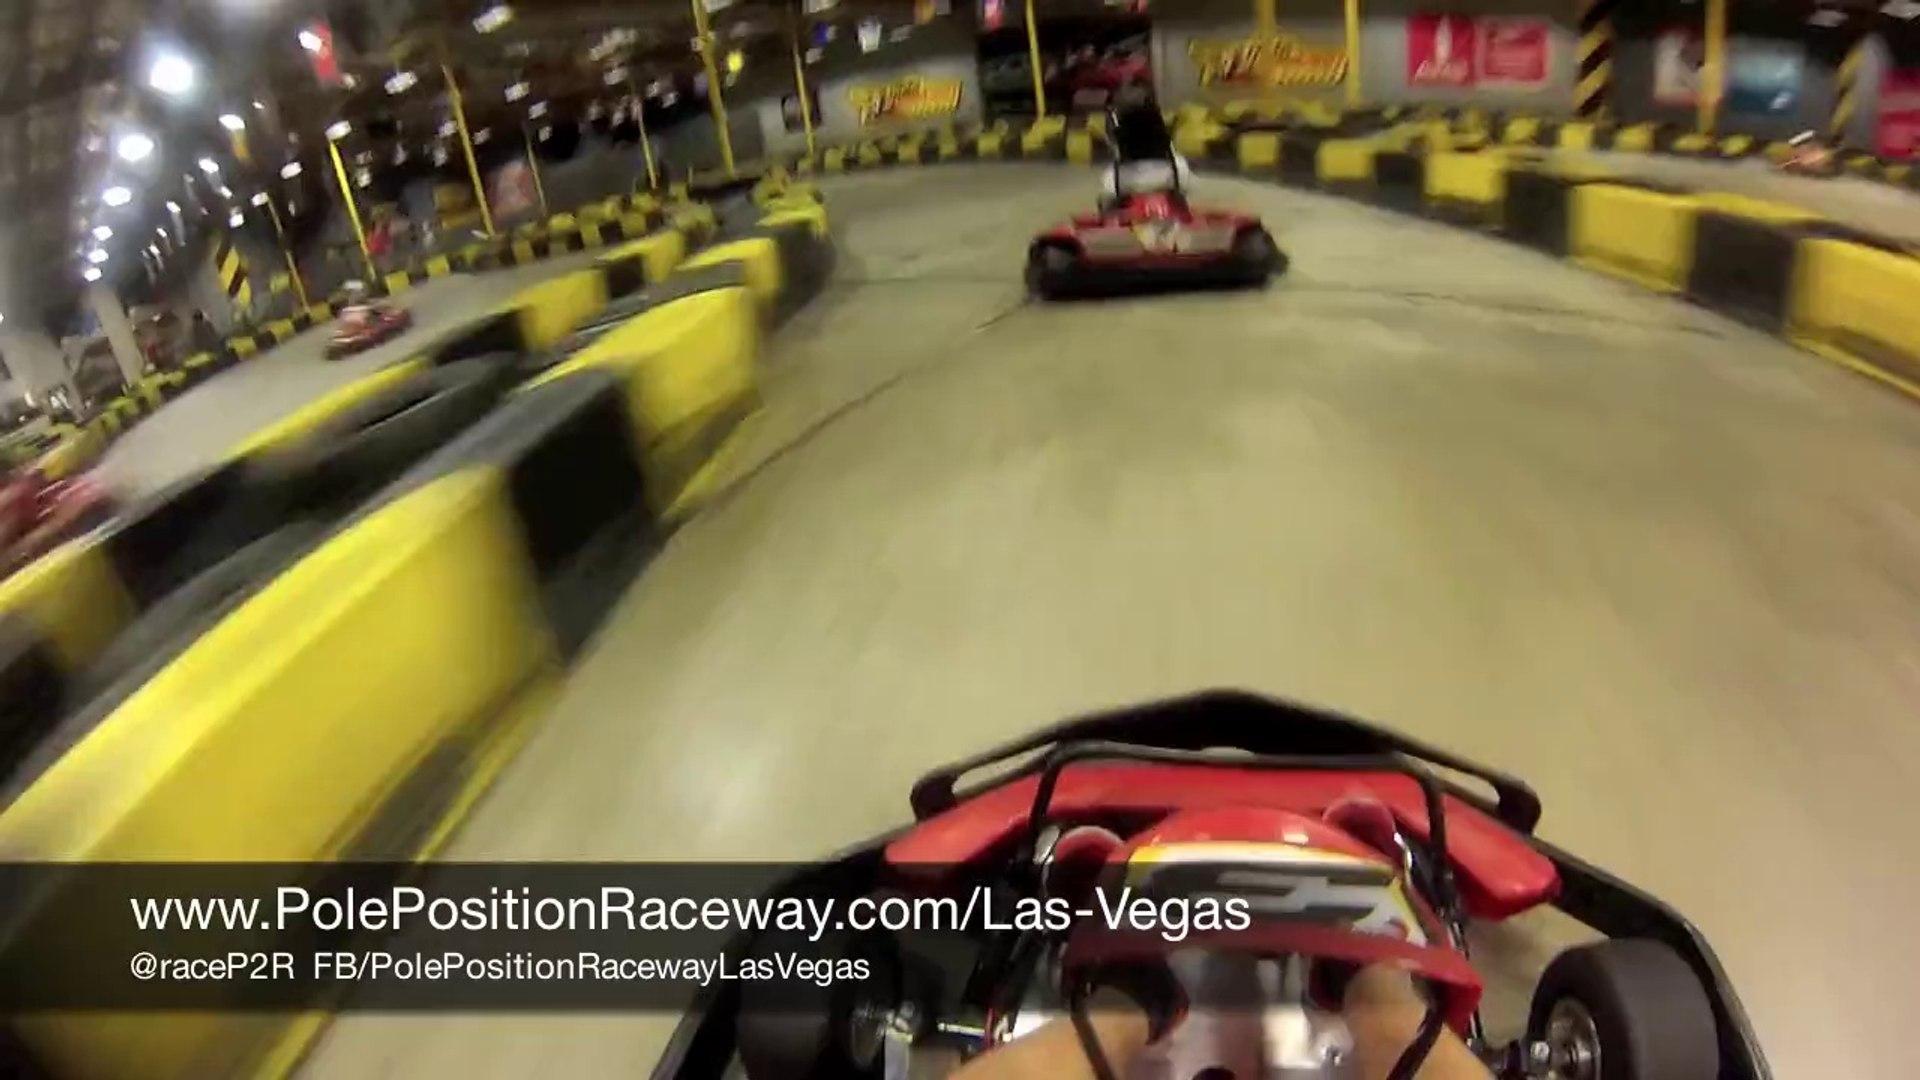 Where To Host Corporate Events in Las Vegas? | Pole Position Raceway Las Vegas  pt. 2